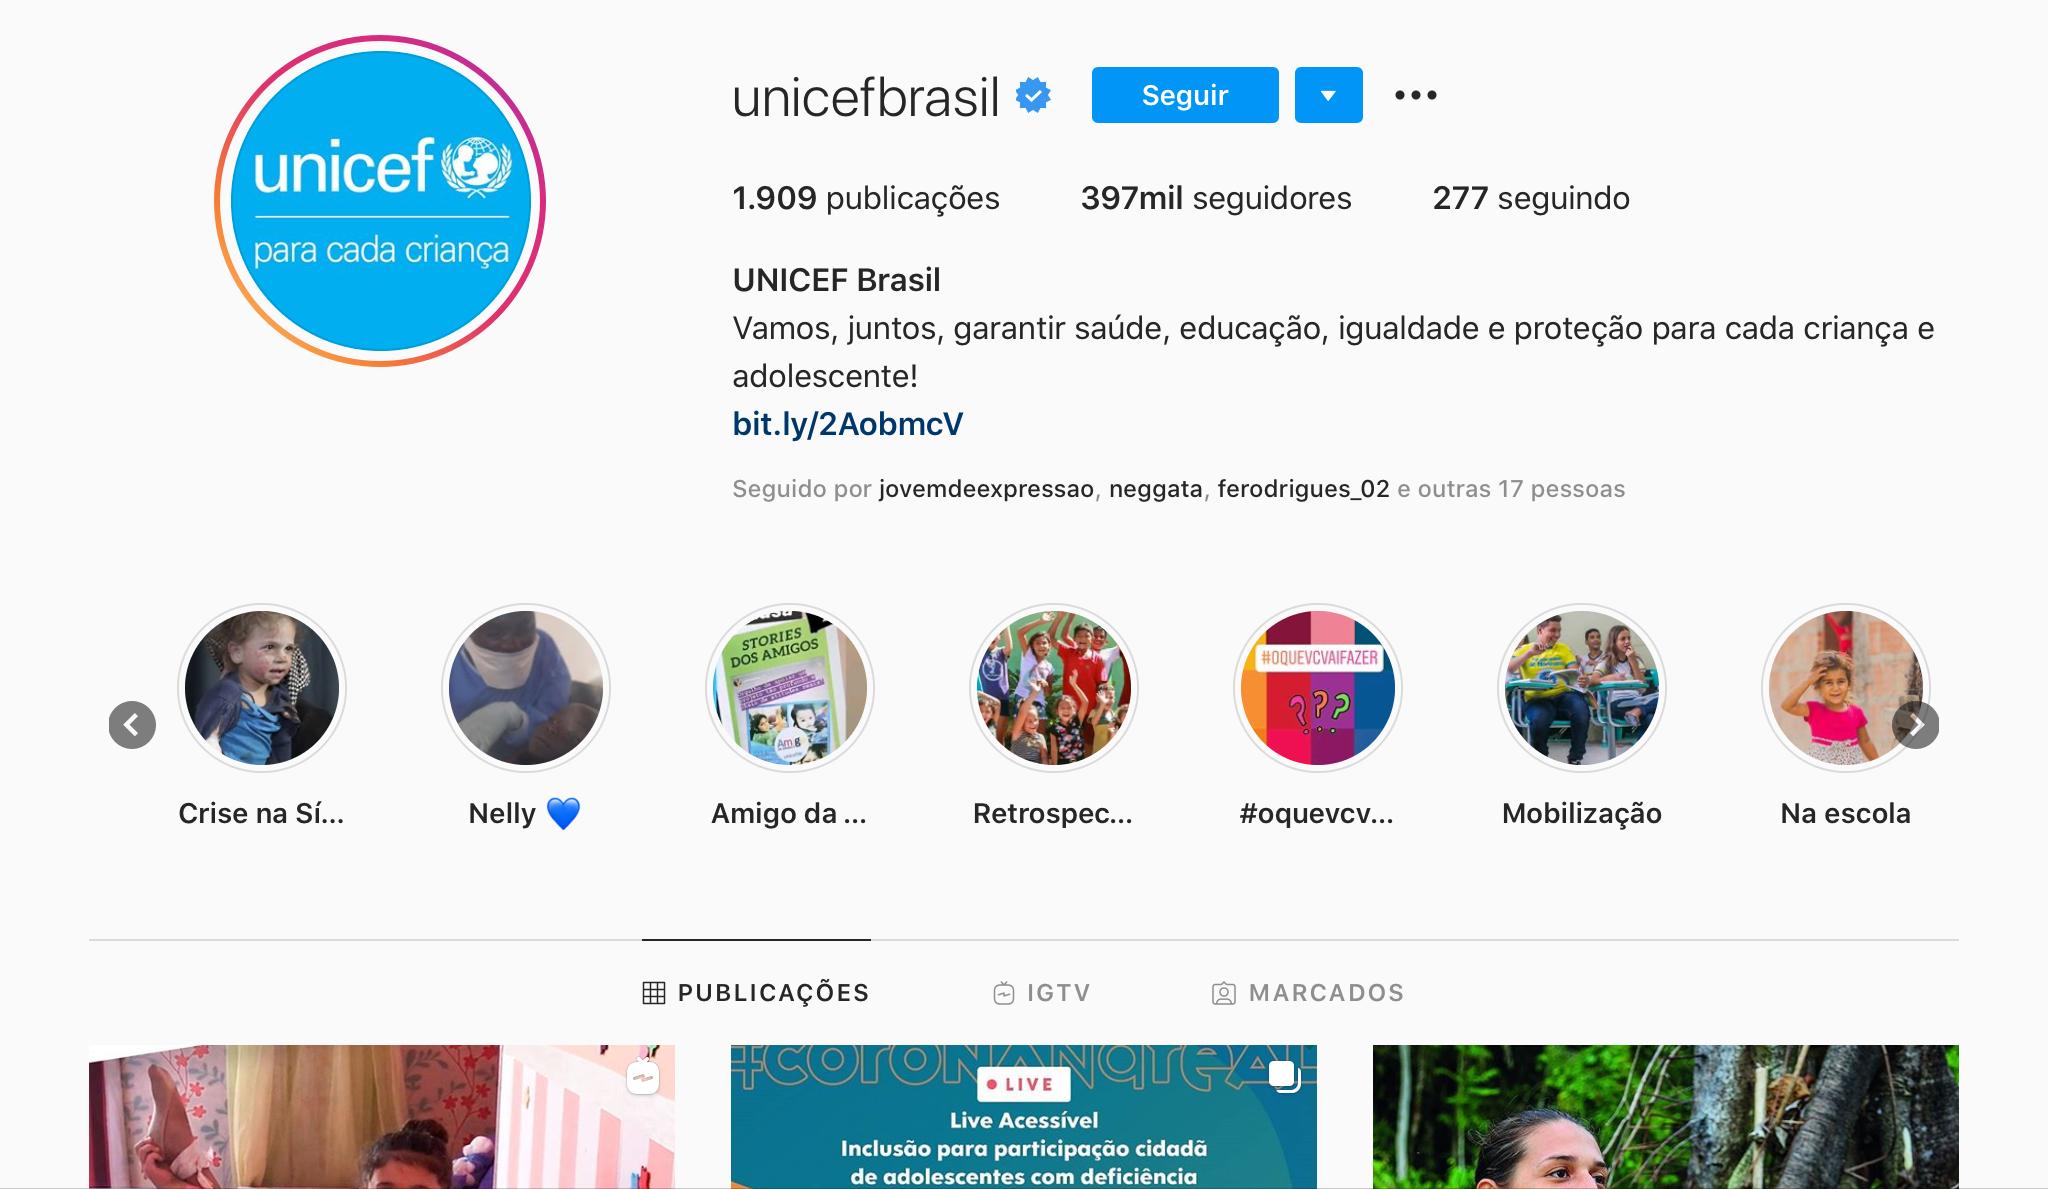 Exemplos para Criar Destaques do Instagram - Unicef